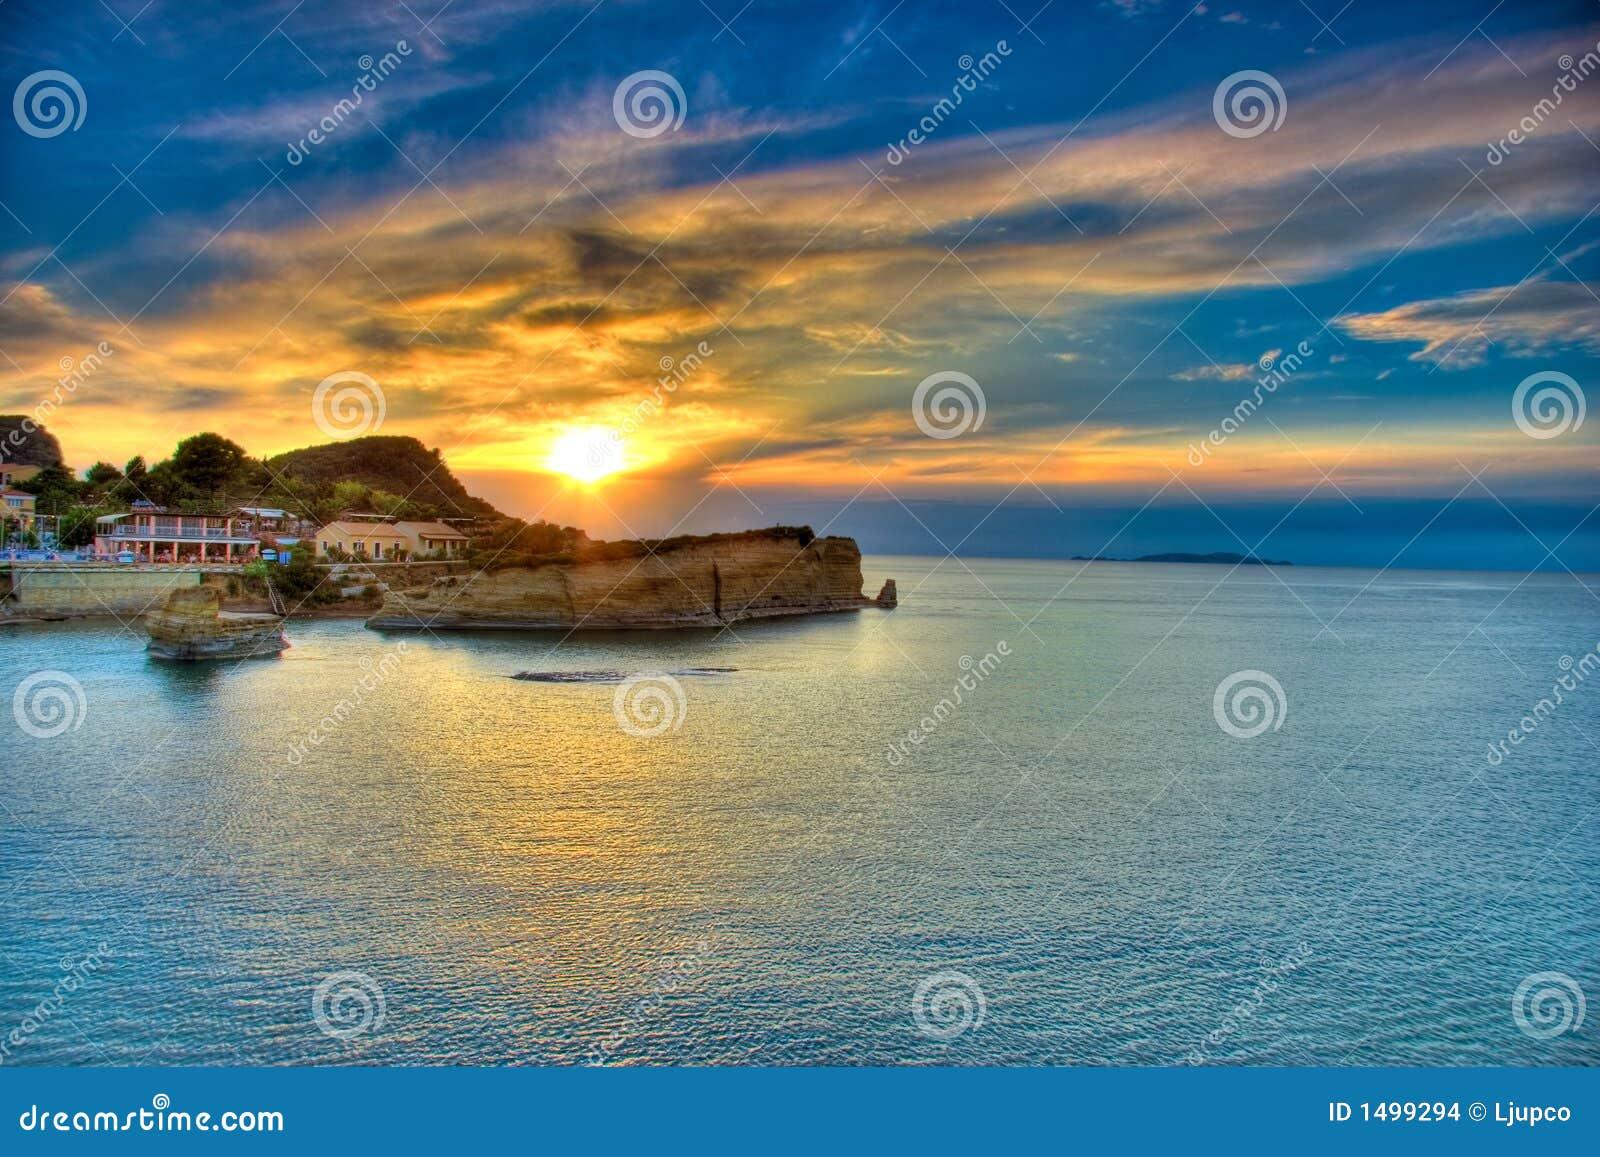 Citaten Over Zonsondergang : Zonsondergang over het eiland van korfu stock afbeeldingen